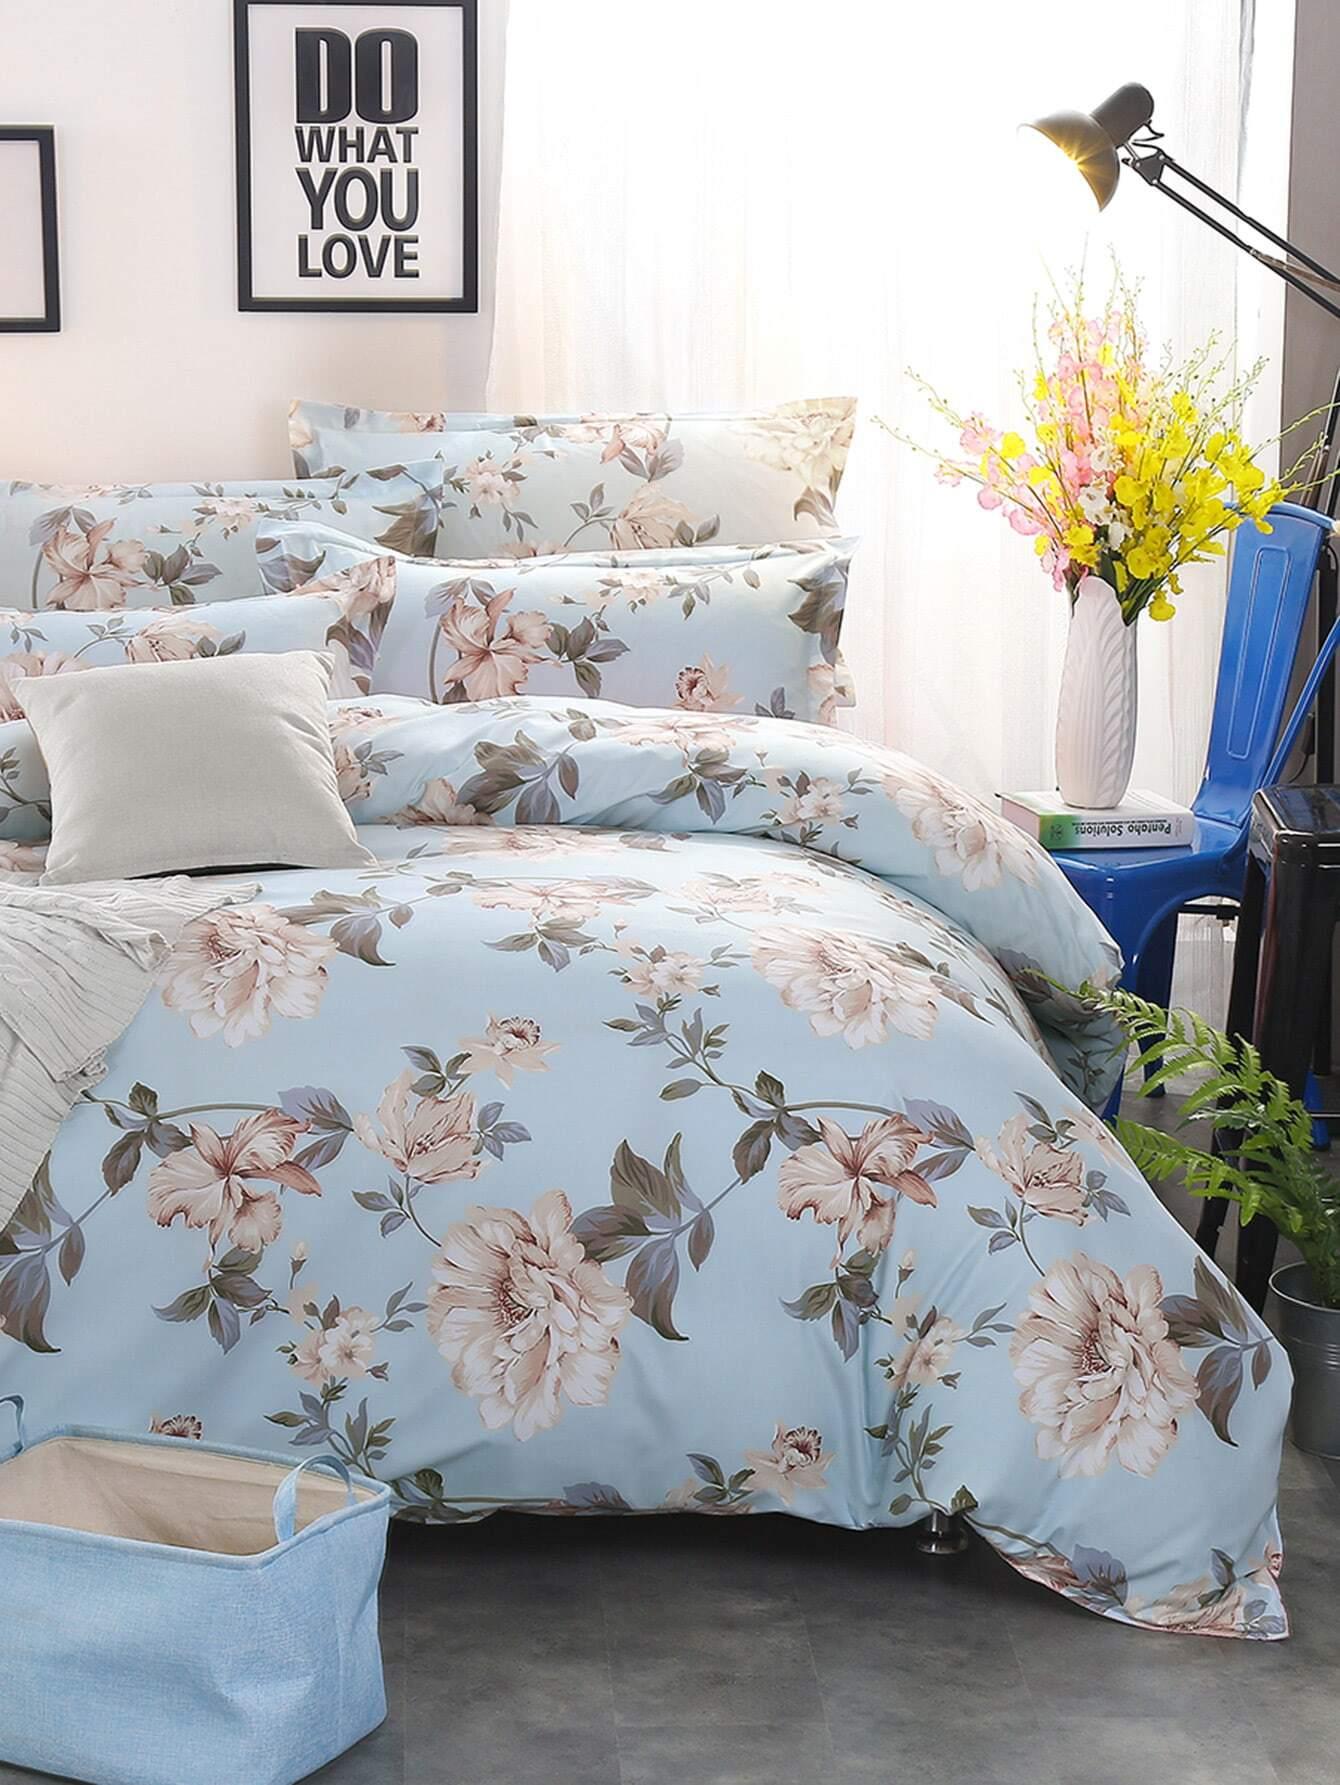 2.2m 4Pcs All Over Florals Print Bedding Set